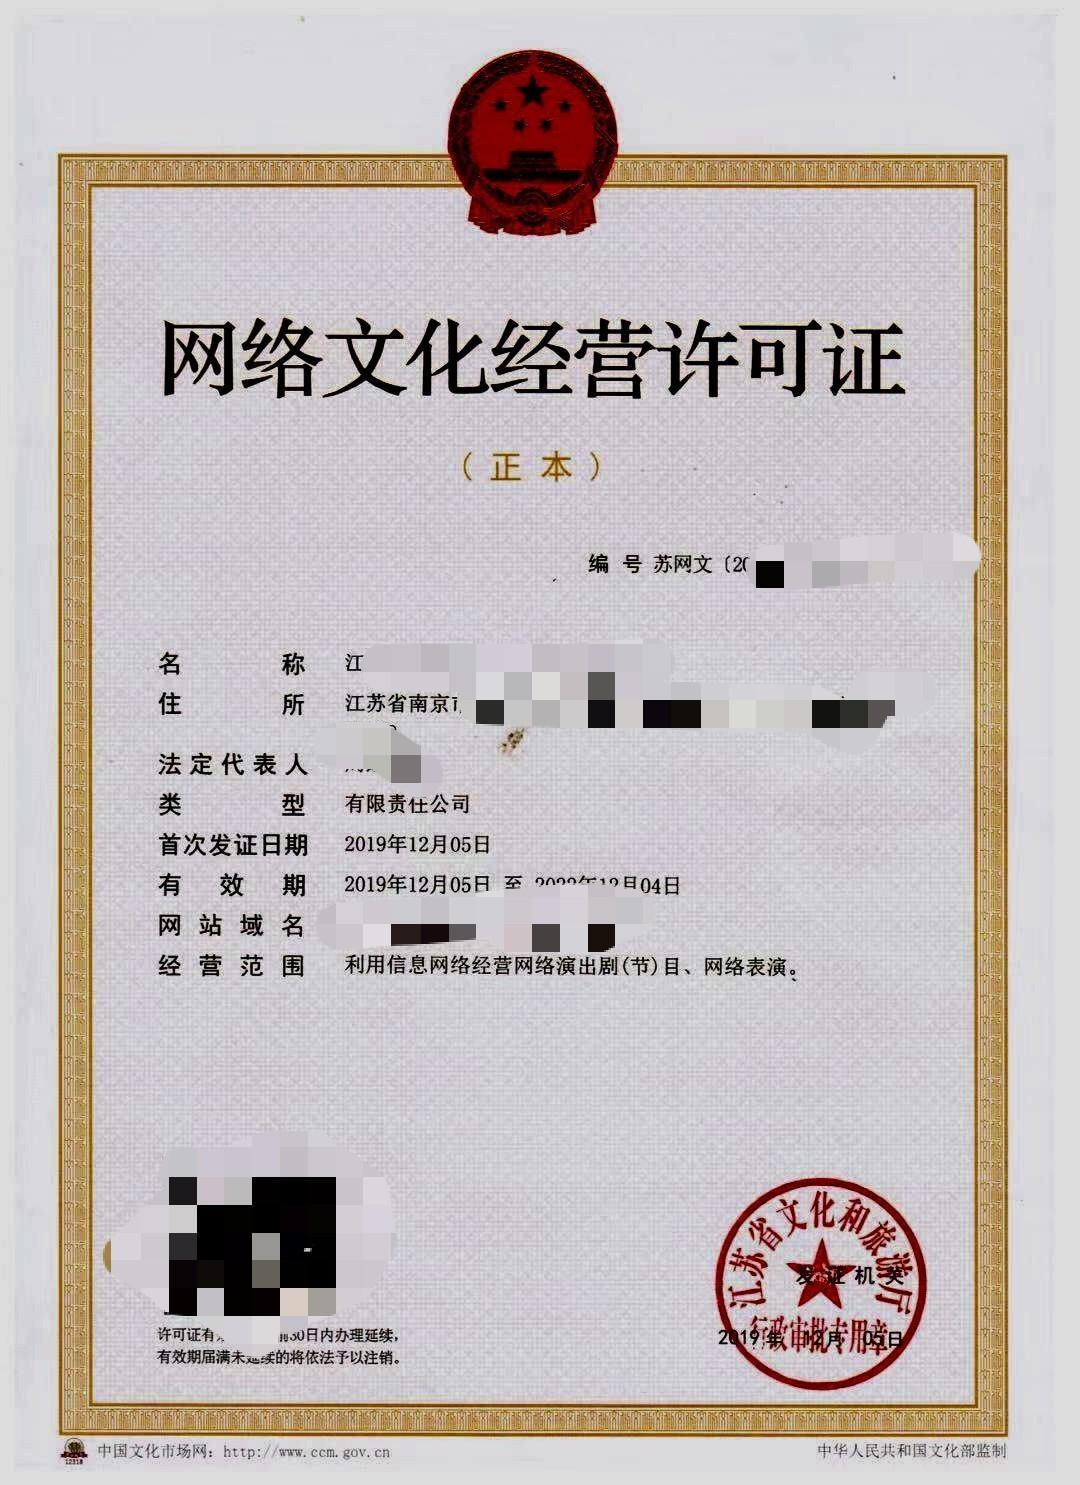 郸城县网络文化经营许可证驻华咨询中心